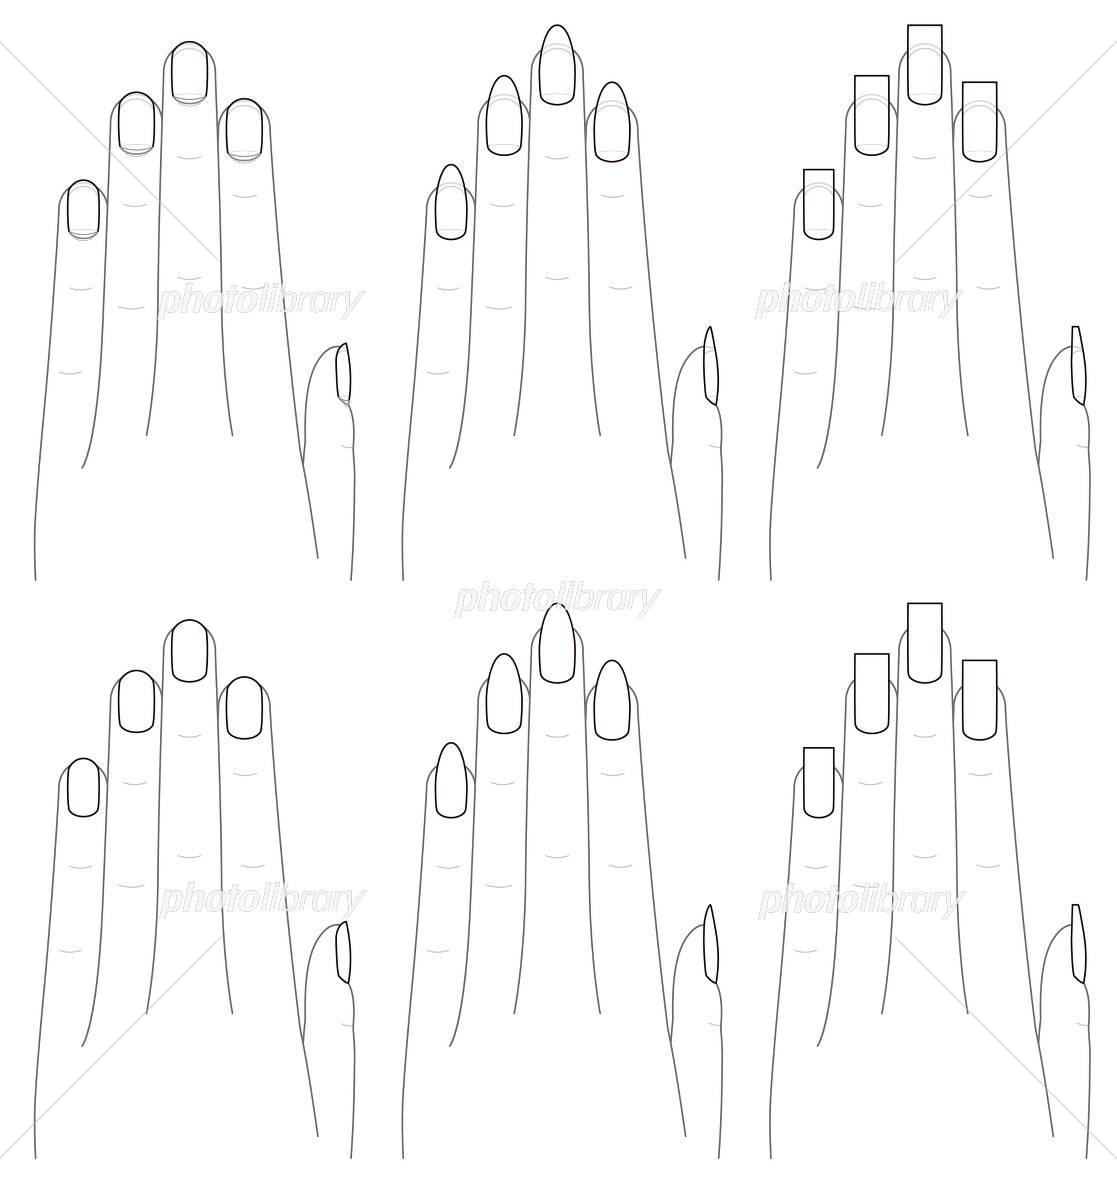 手と爪の形 イラスト素材 [ 4162657 ] , フォトライブラリー